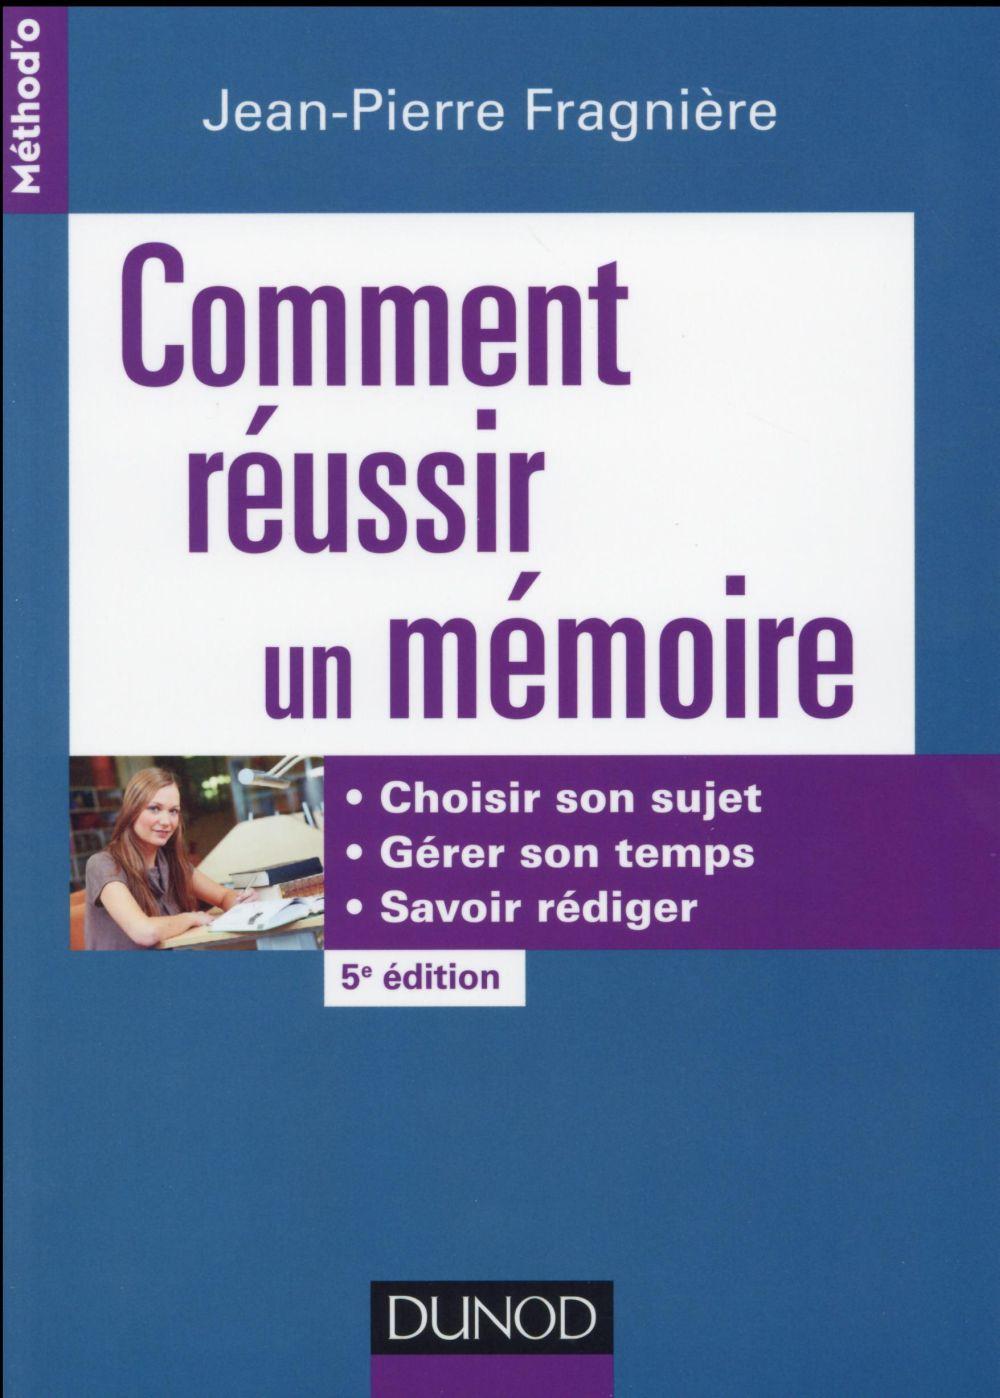 COMMENT REUSSIR UN MEMOIRE (5E EDITION)